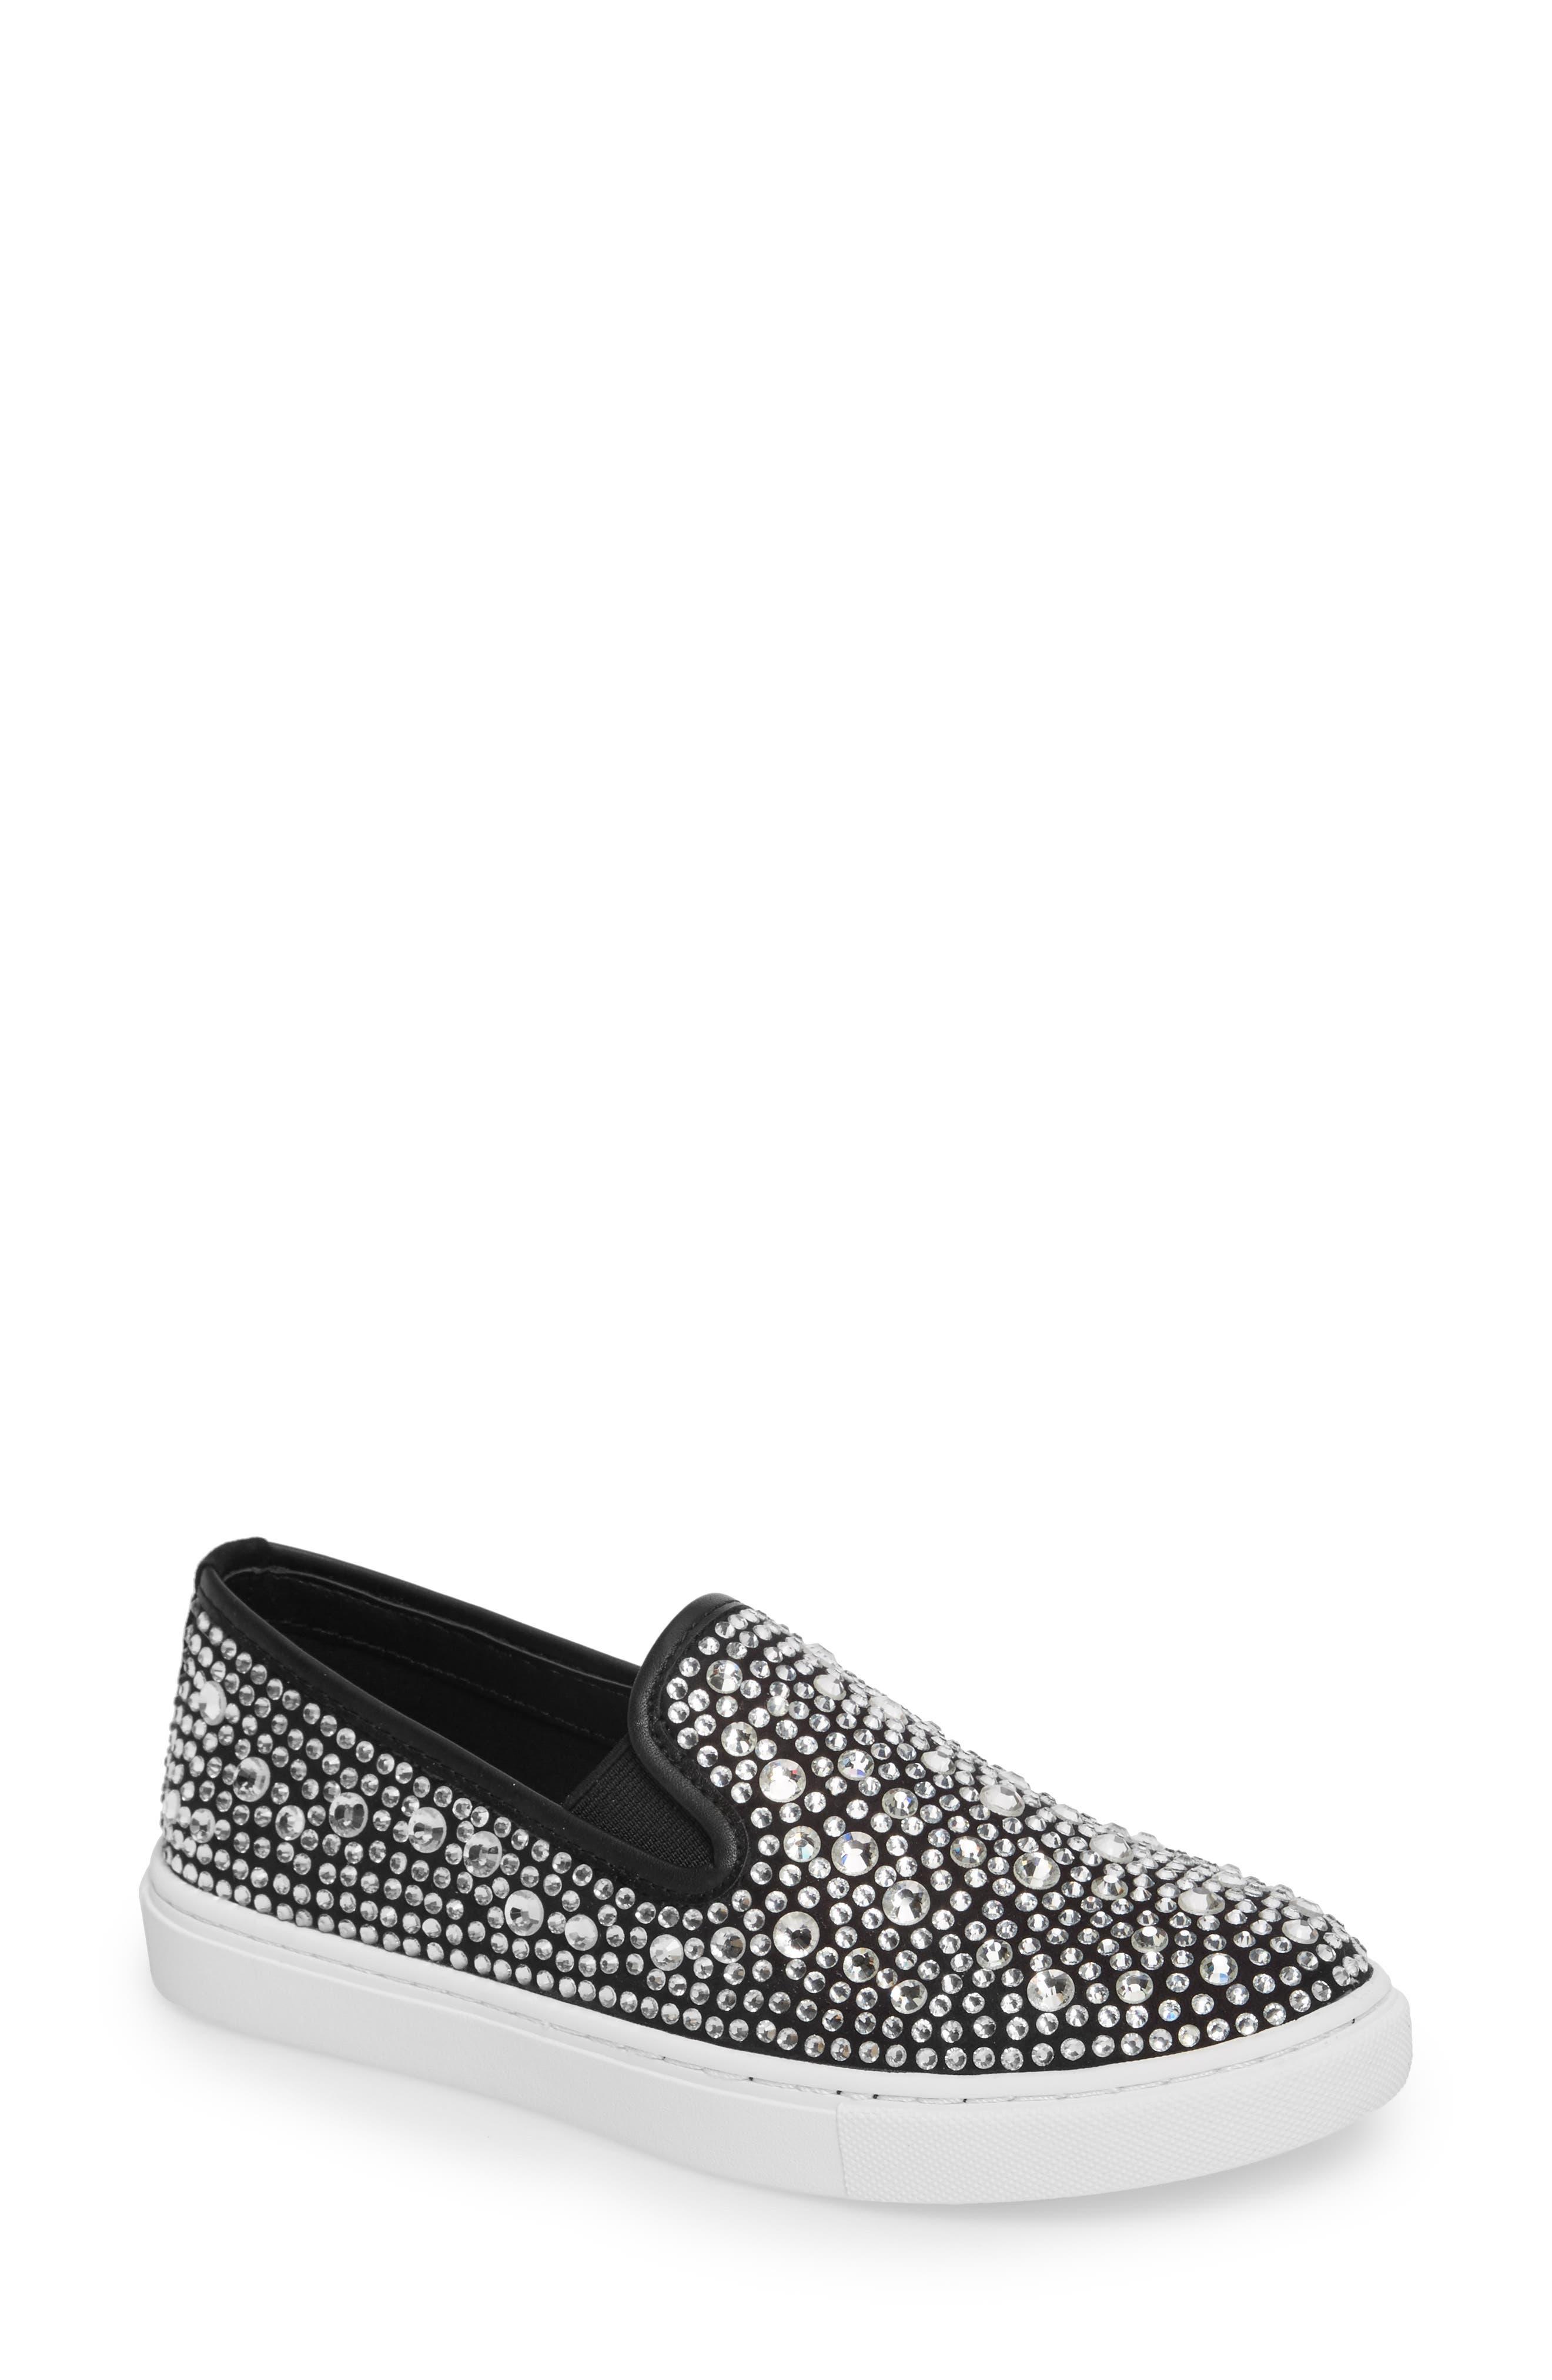 Evada Crystal Embellished Slip-On Sneaker,                         Main,                         color, 040